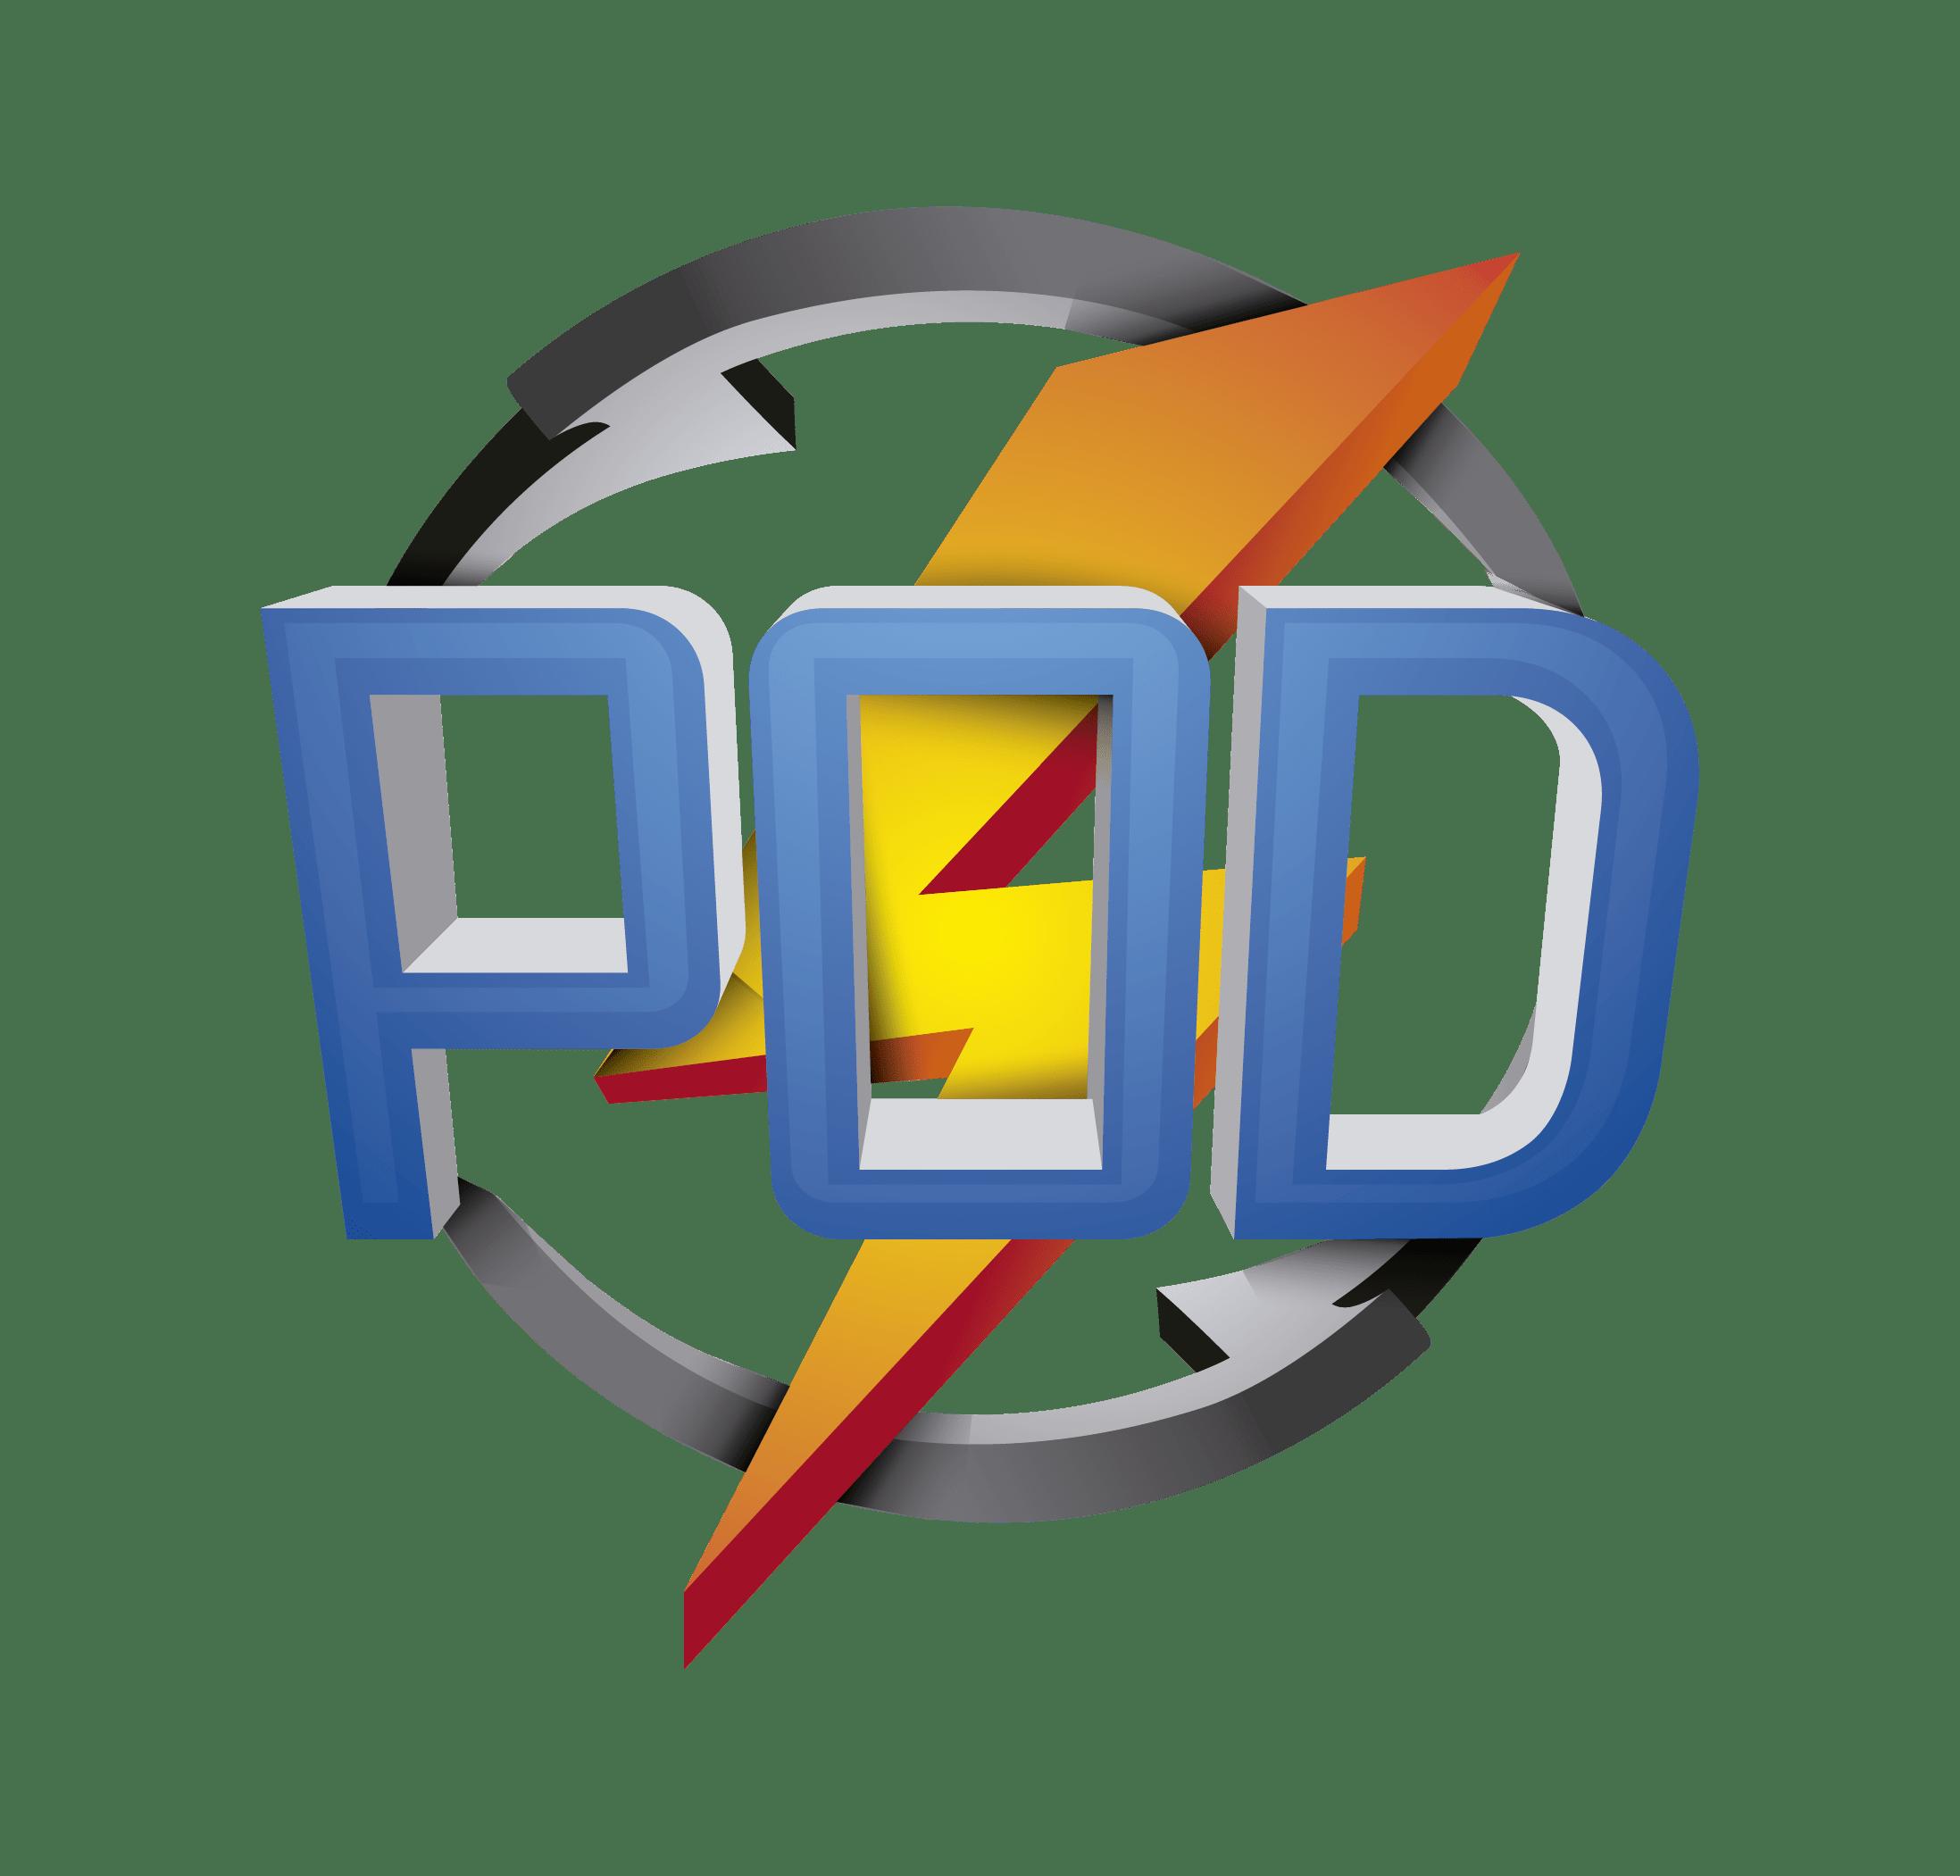 Pod (Programa de optimizacion y desempeño) 1.02.12